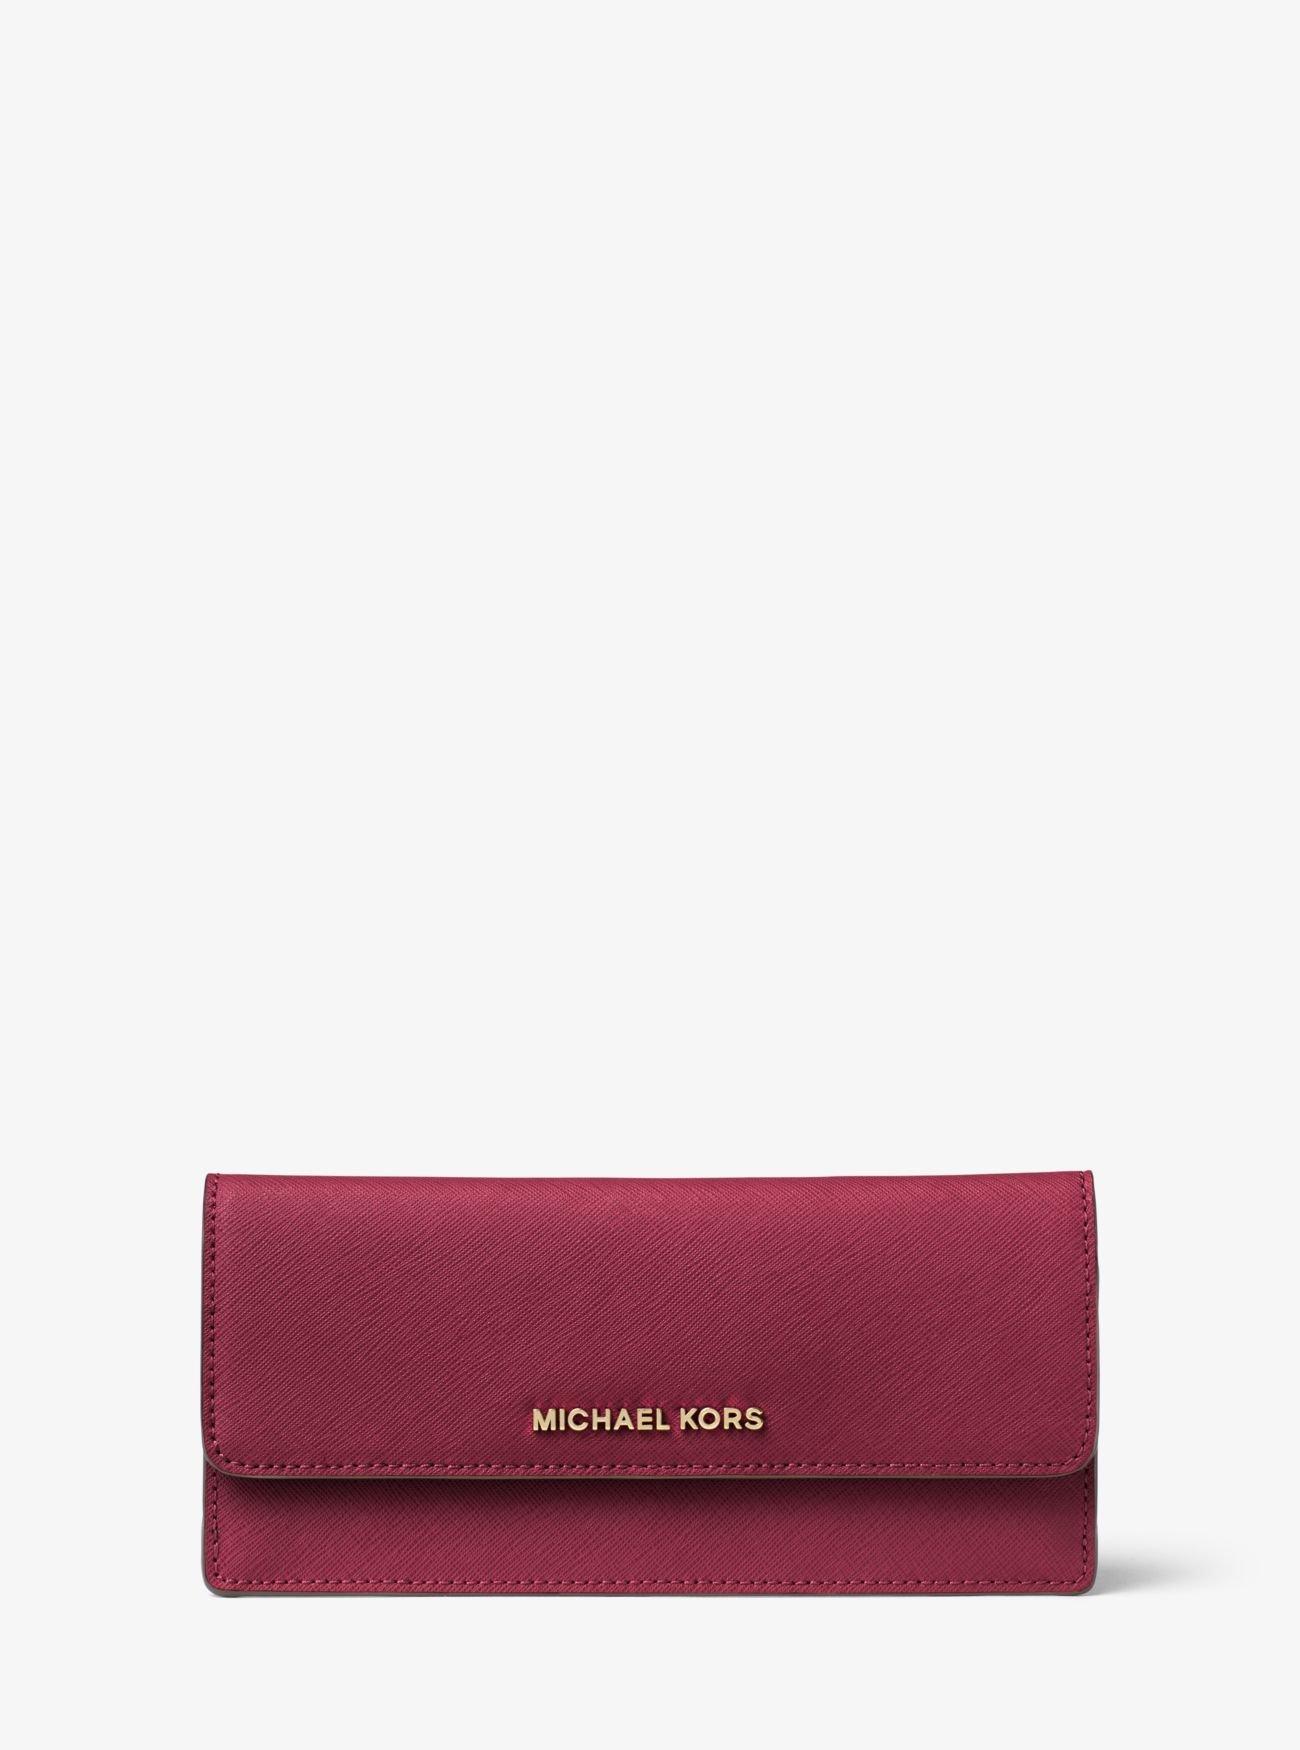 MICHAEL Michael Kors Jet Set Travel Slim Saffiano Leather Wallet, Color Mulberry